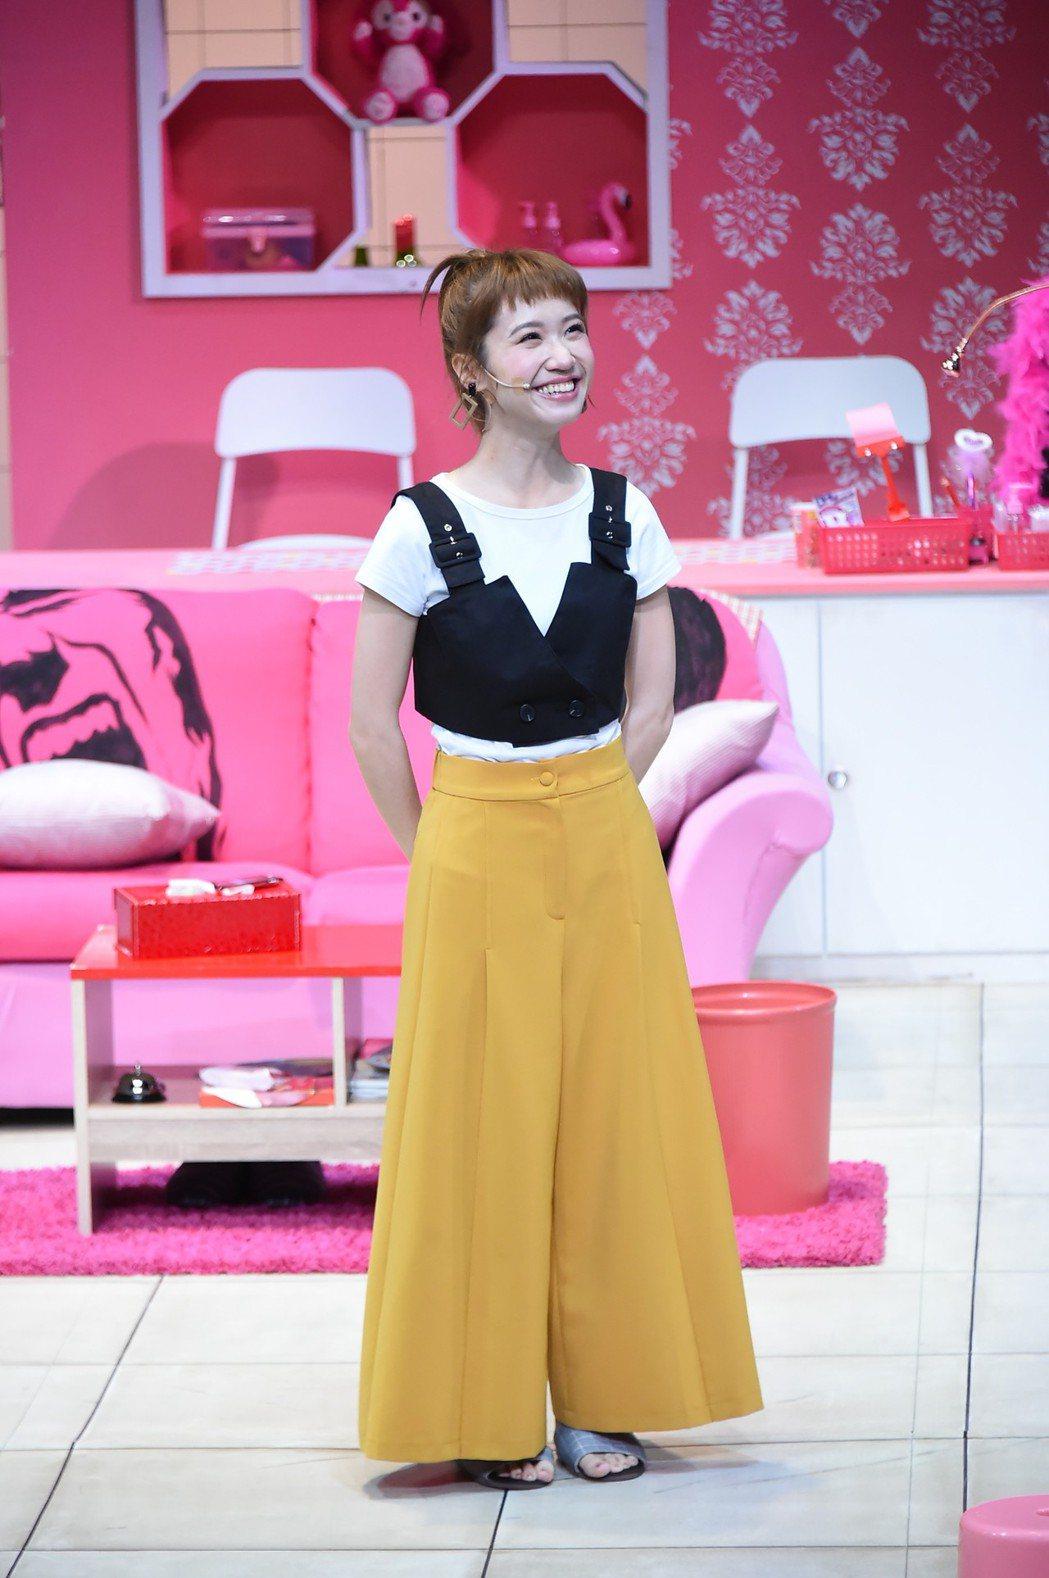 Lulu黃路梓茵演出舞台劇「單身租隊友」。記者陳慧貞/攝影